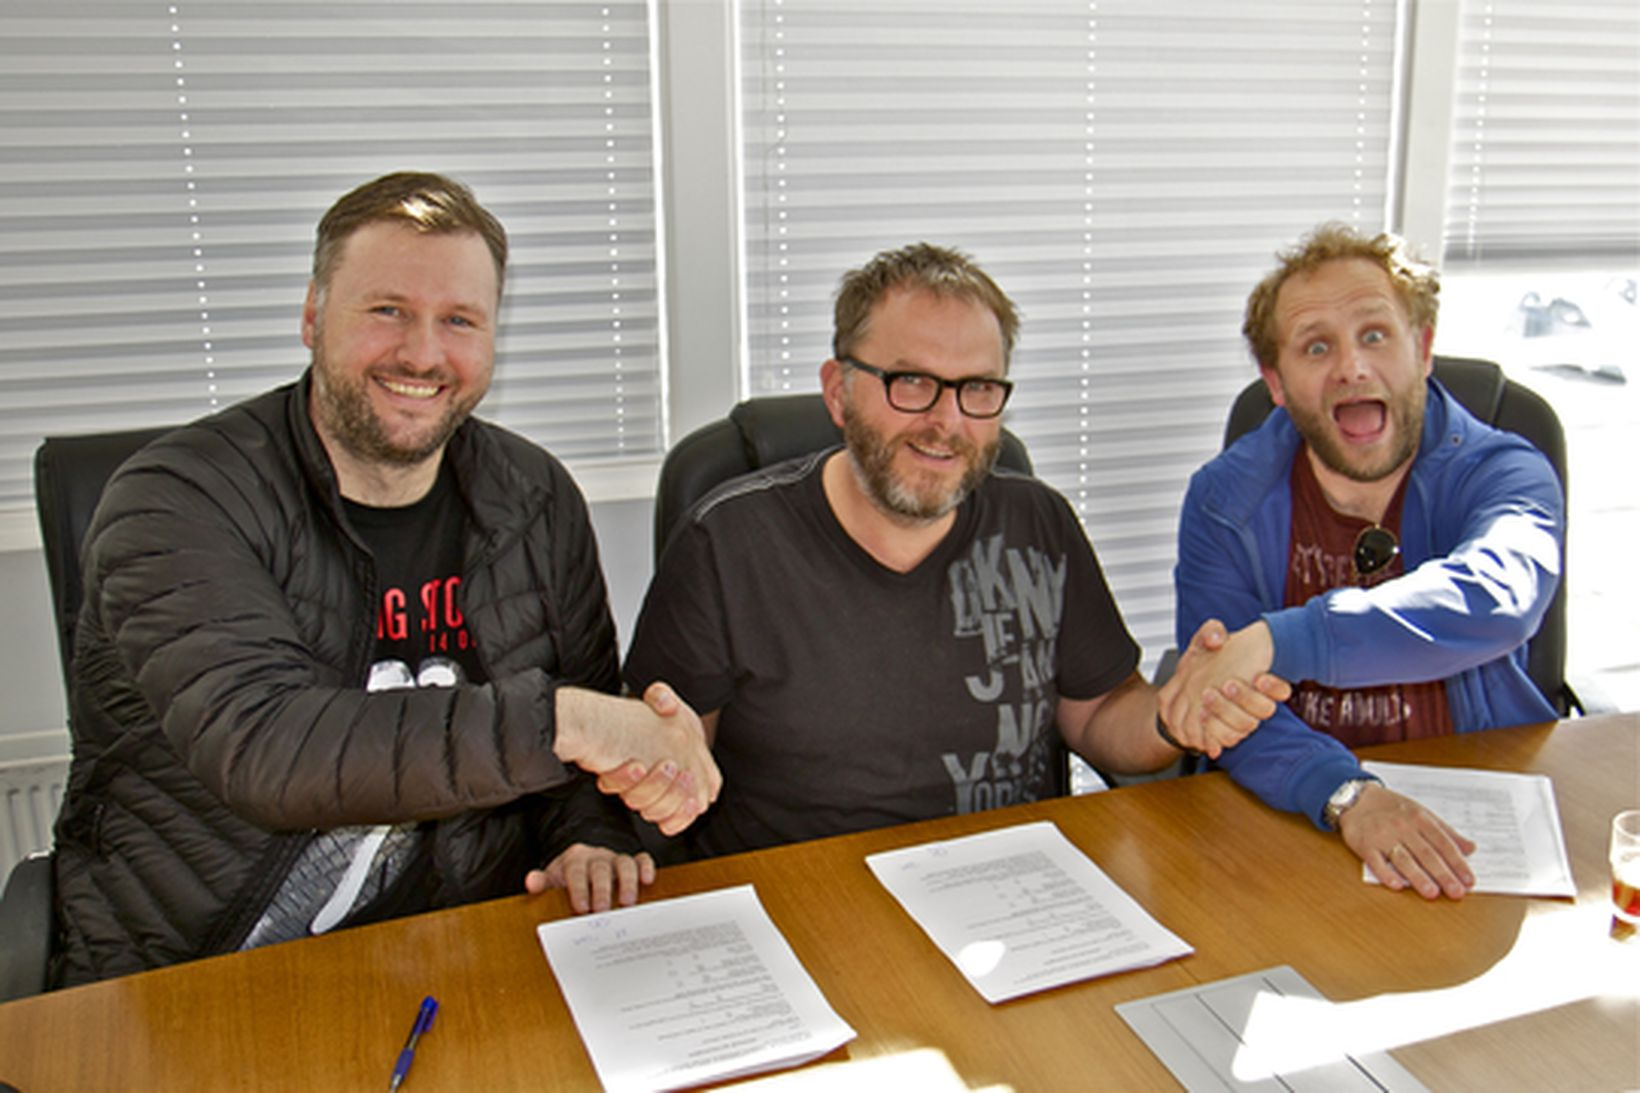 Bragi Þór Hinriksson, Alfreð Ásberg Árnason og Sverrir Þór Sverrisson.